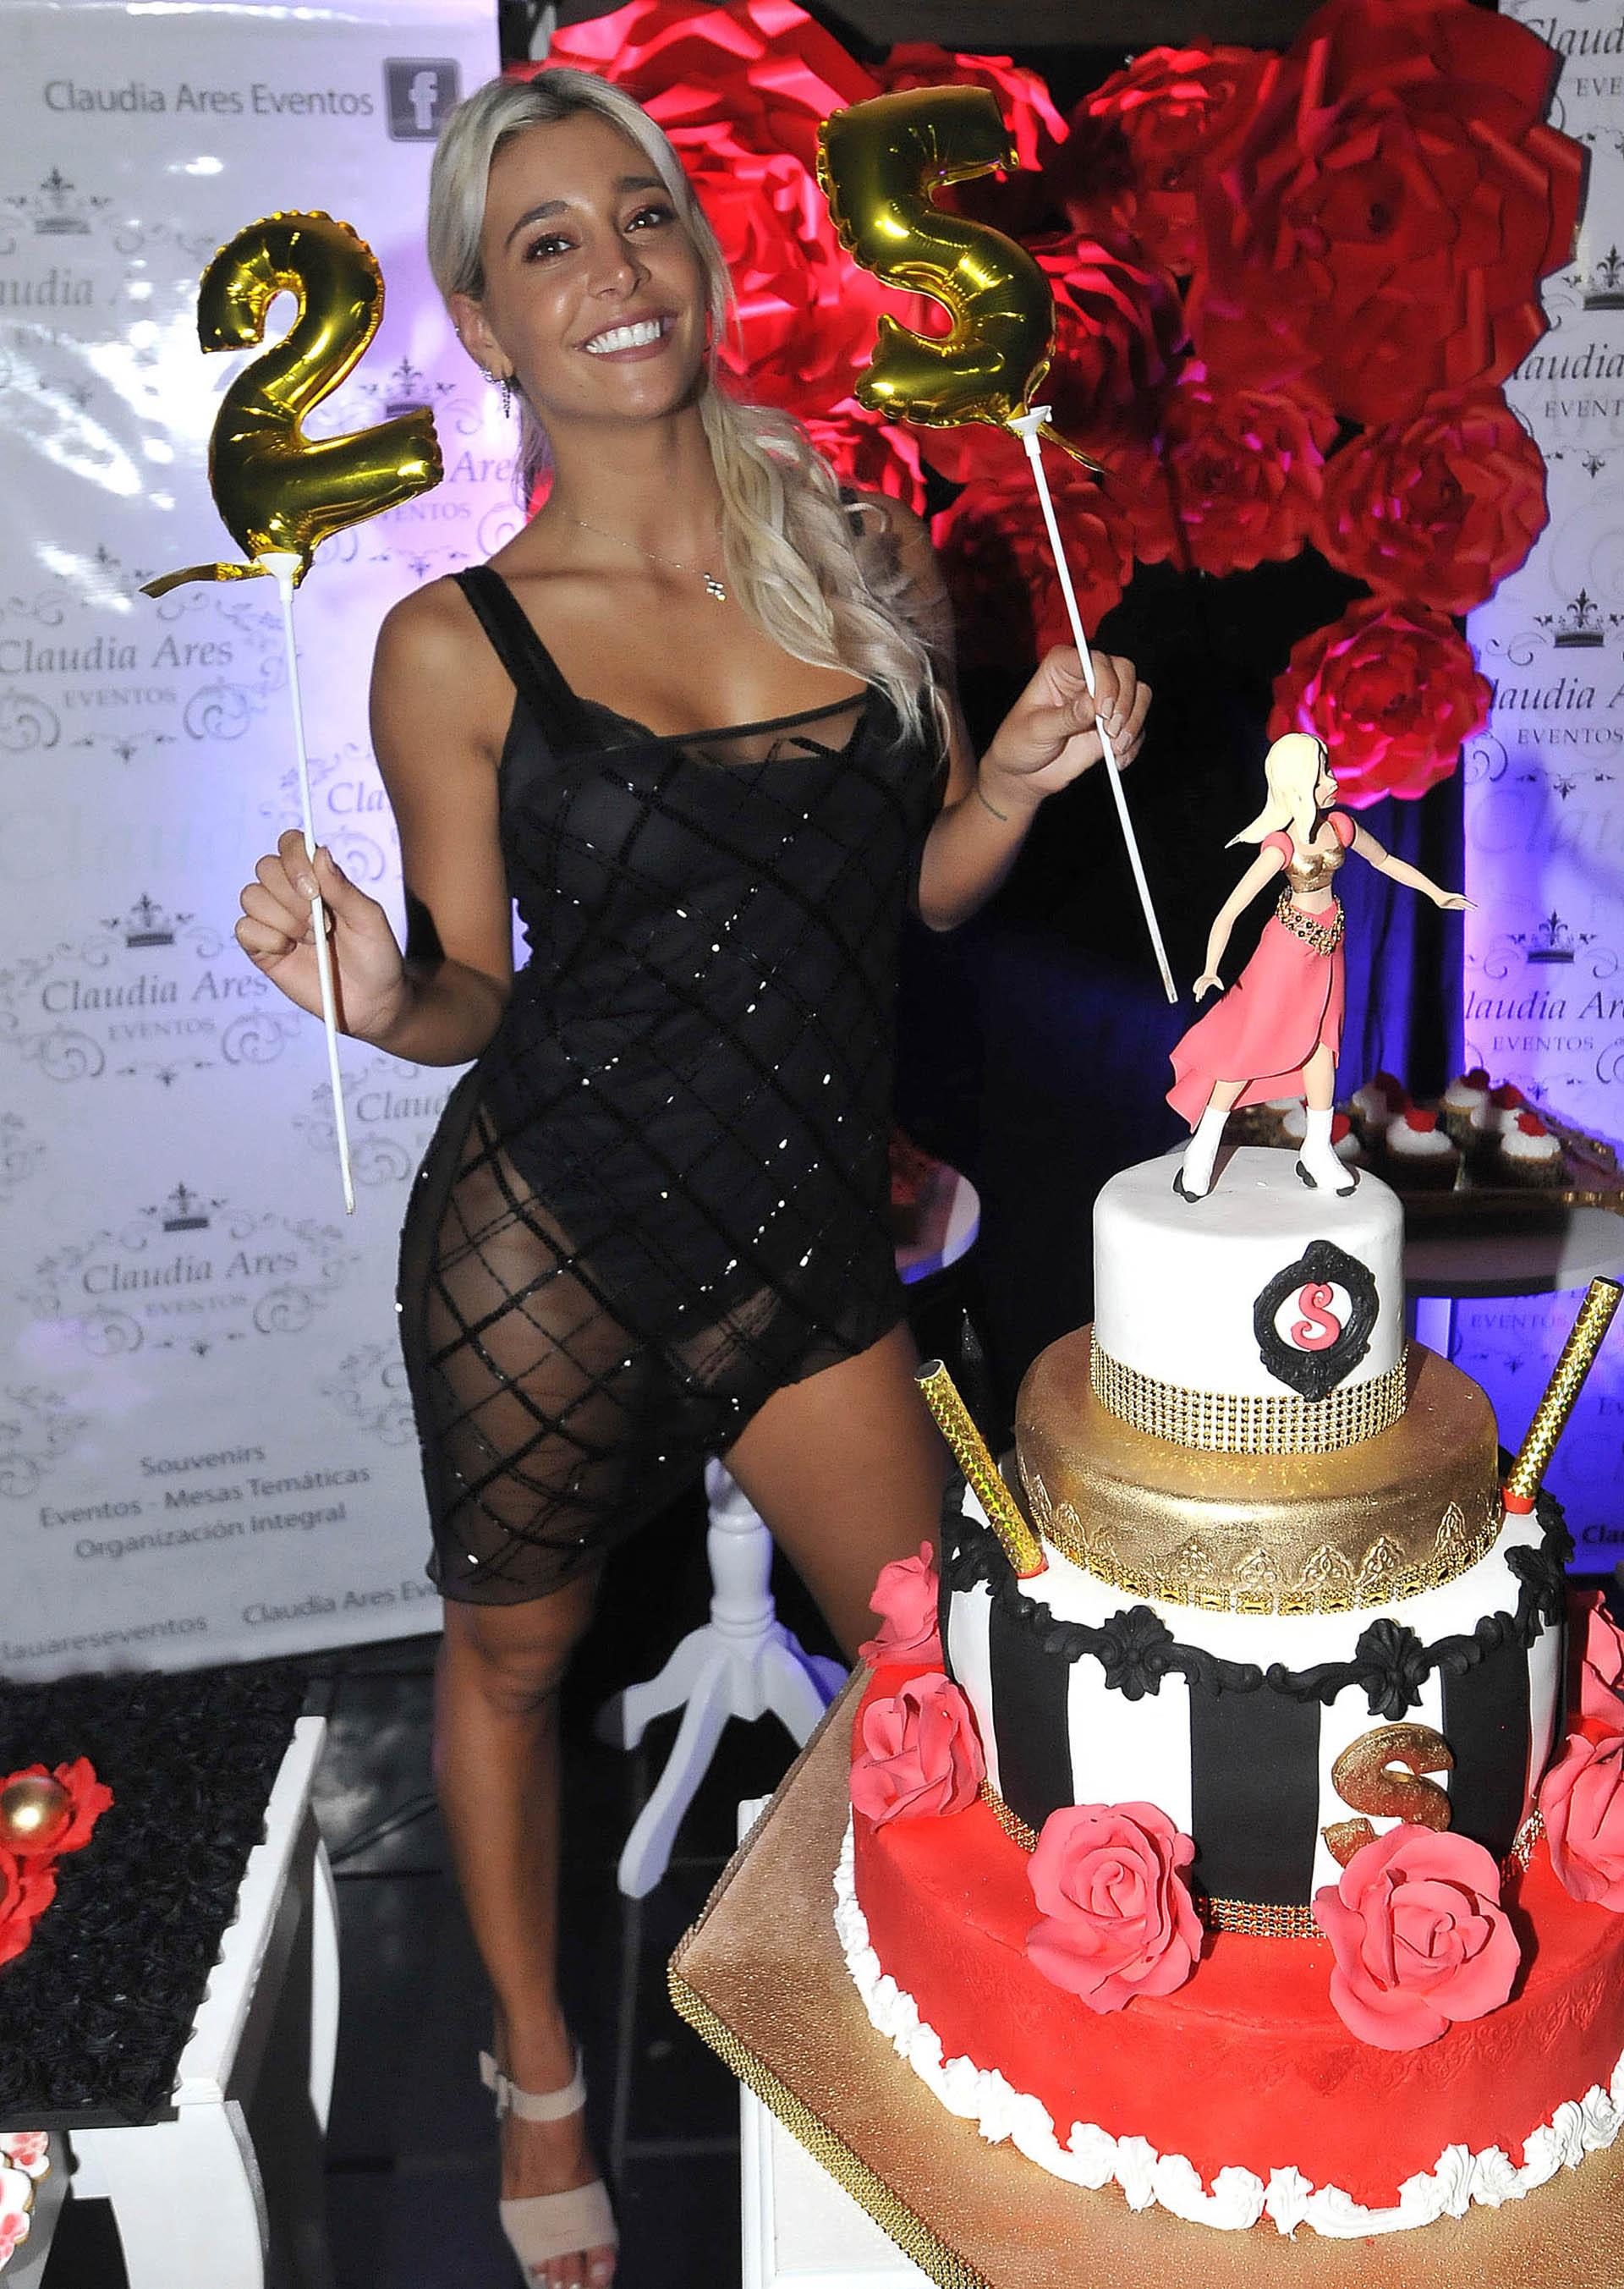 La torta de cumpleaños tenía en su centro una muñeca con patines. Cuando era chica solía practicar este deporte y todavía sigue siendo una de sus pasiones